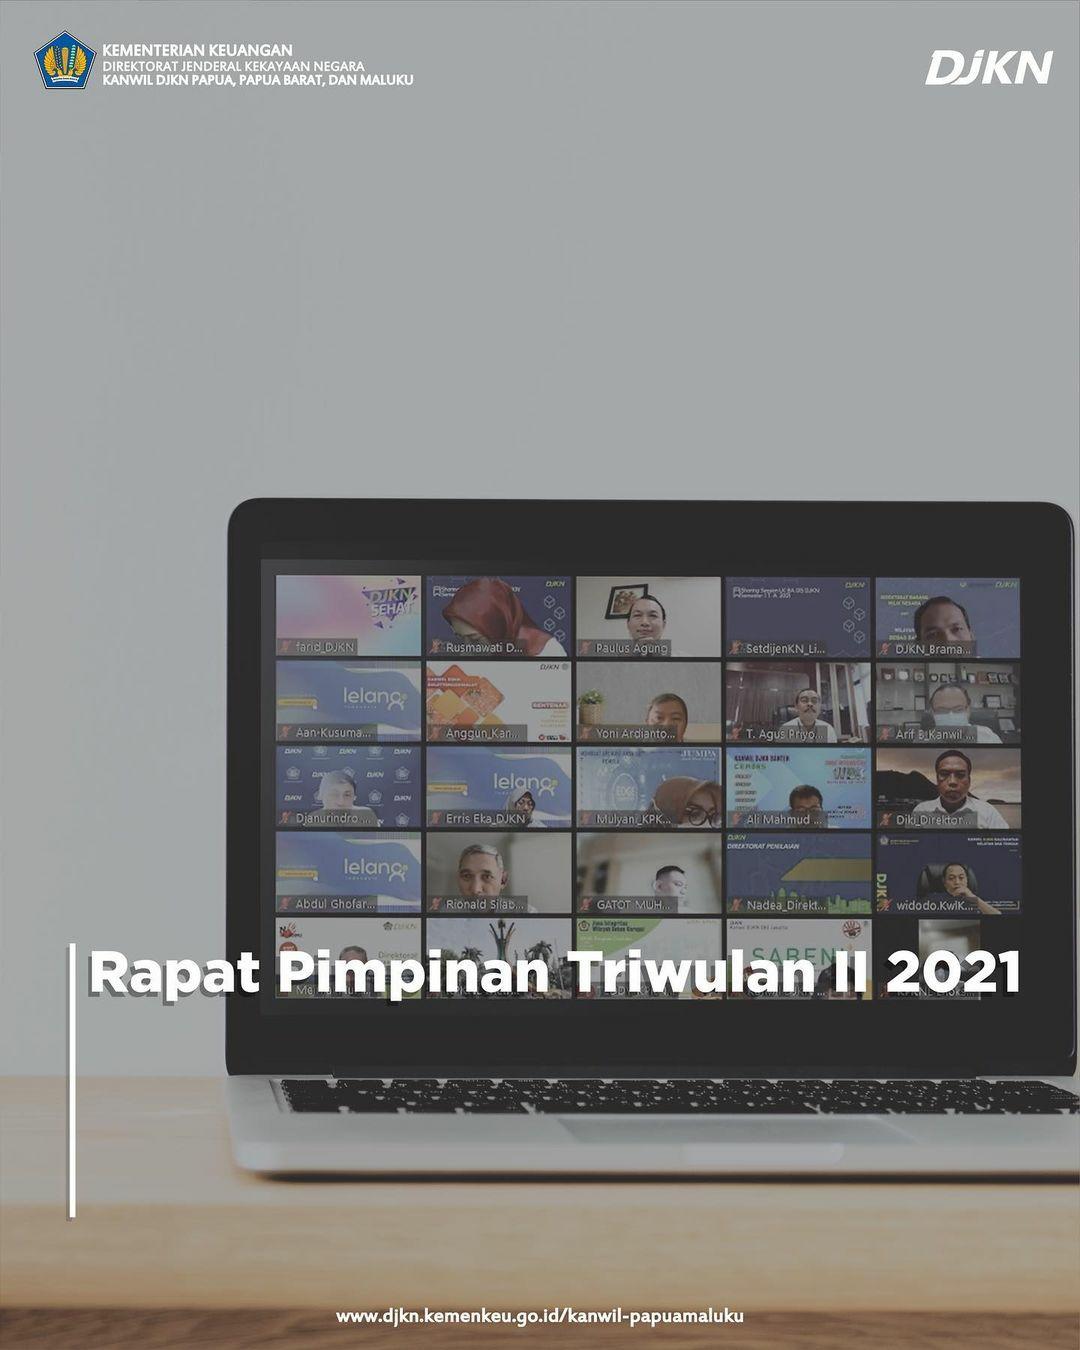 Rapat Pimpinan DJKN Triwulan II 2021